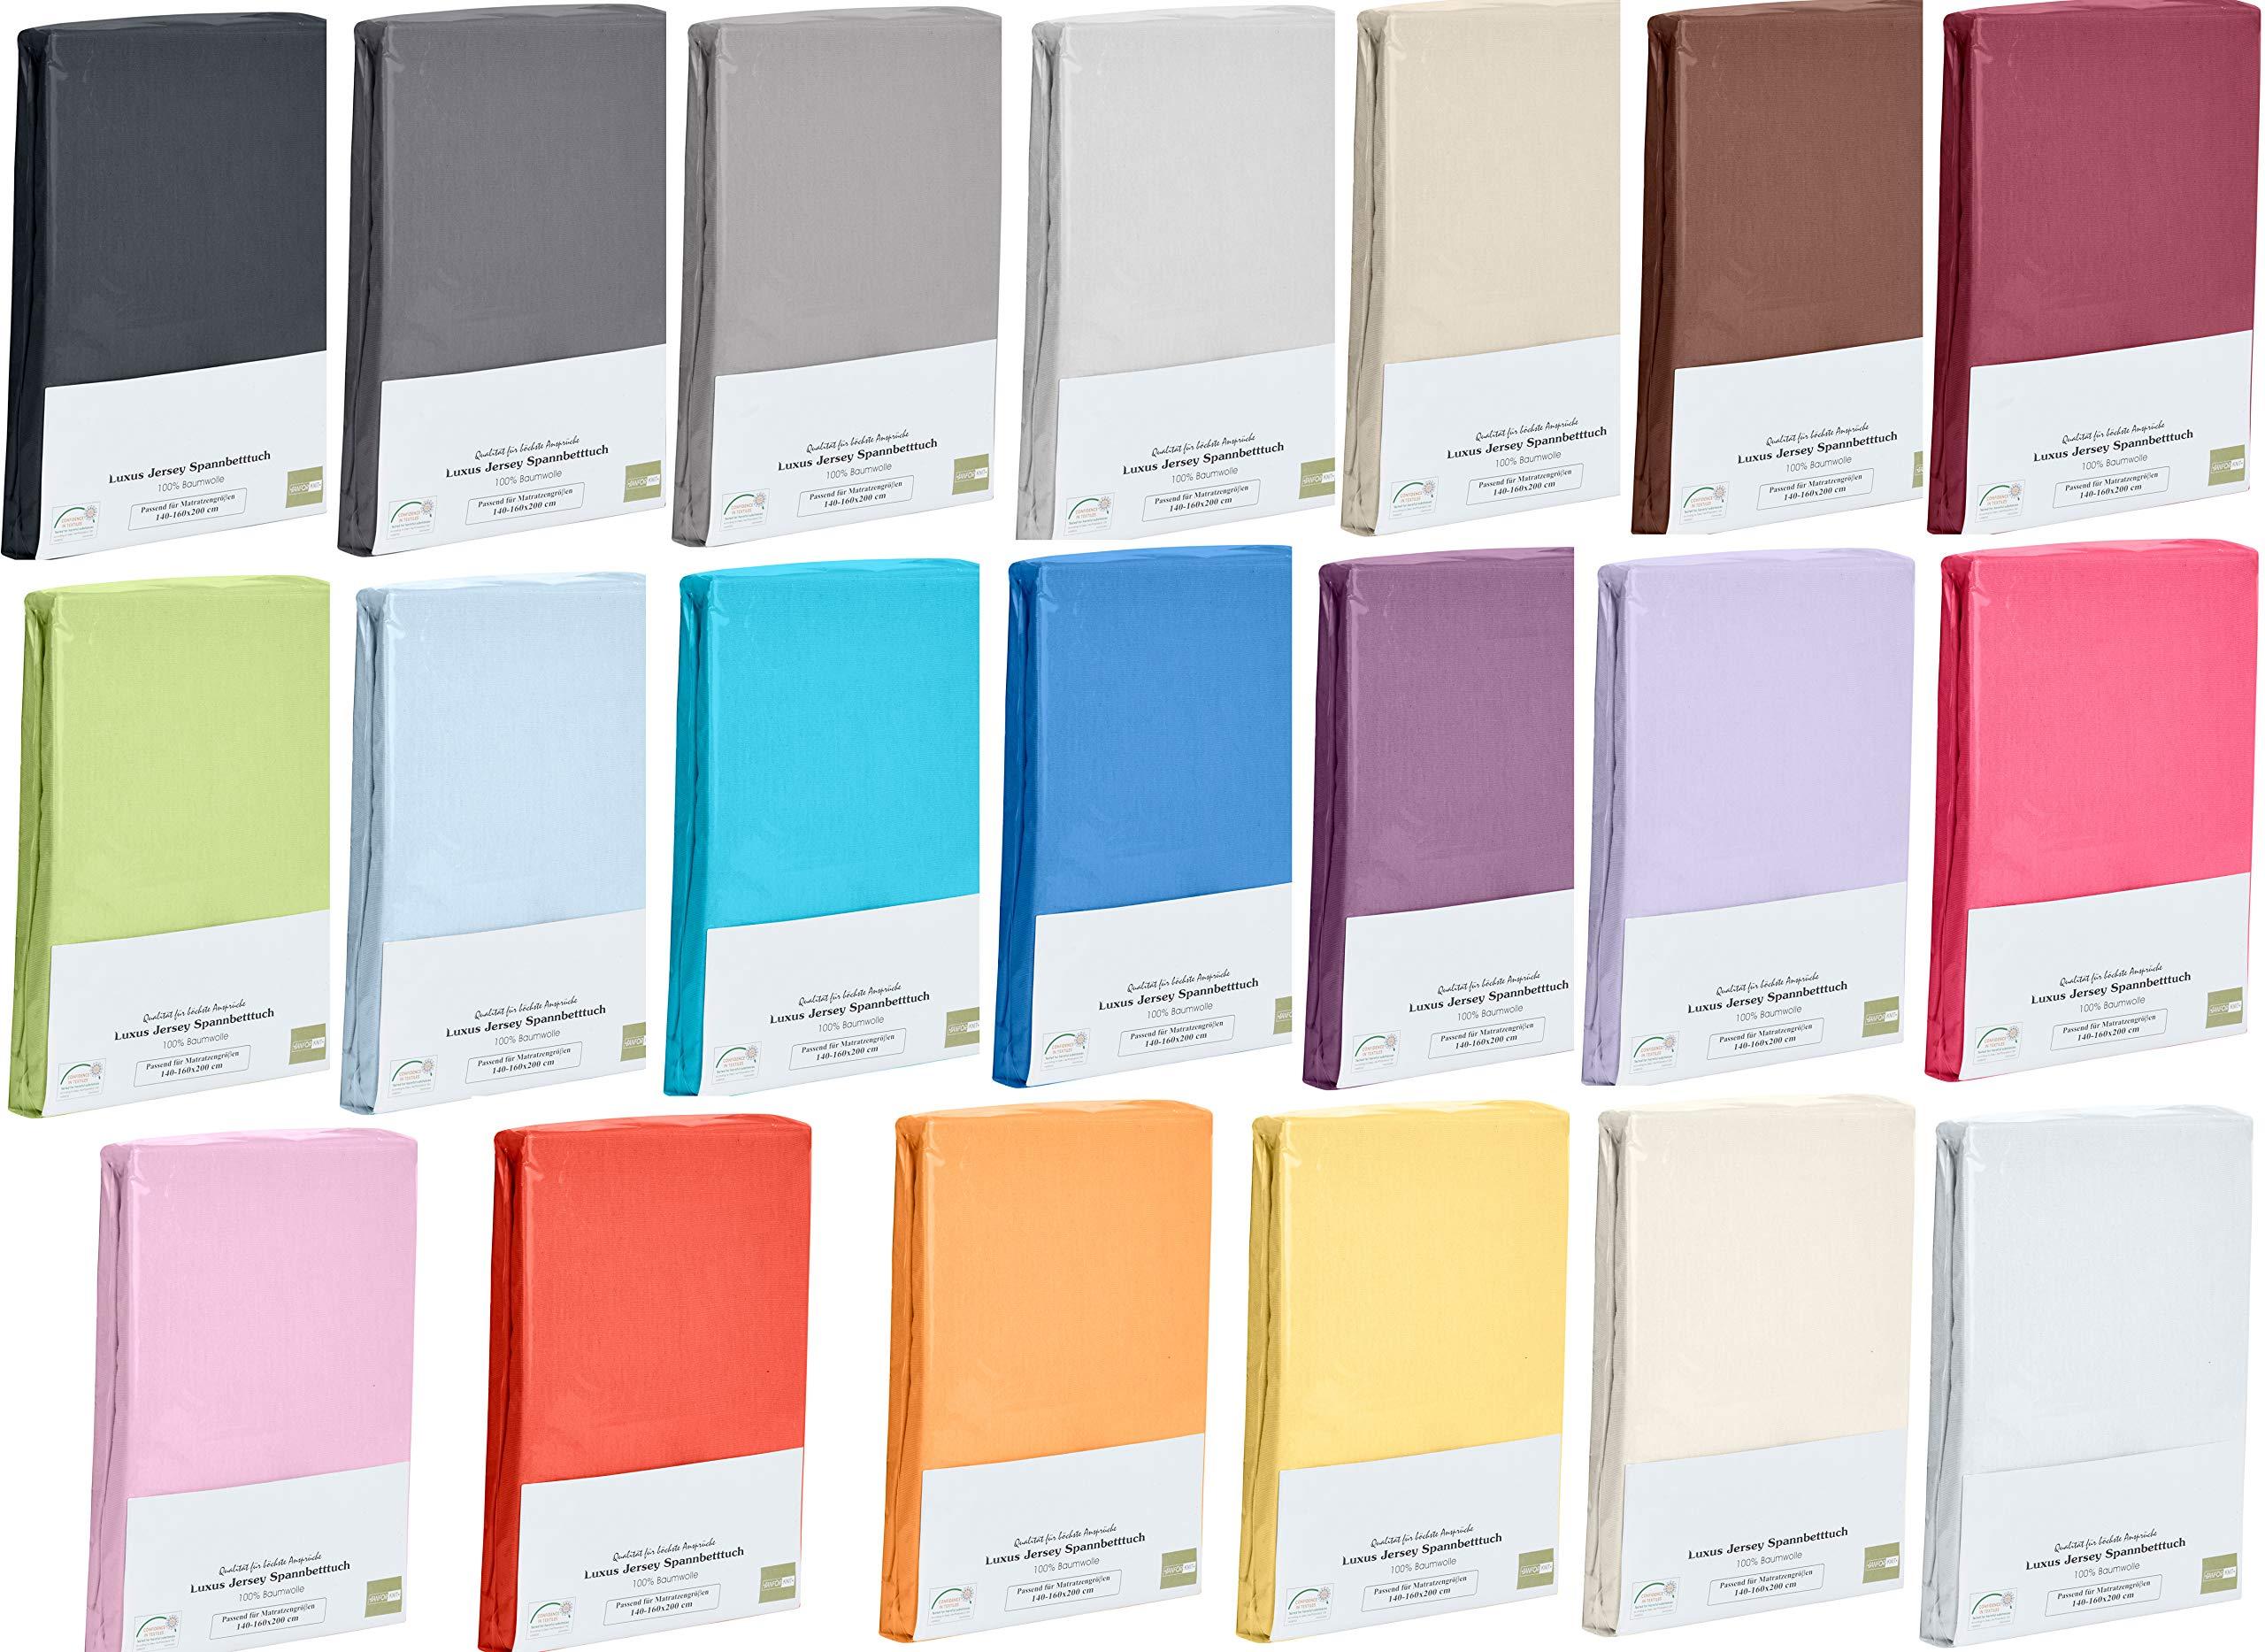 Home-Tex© Spannbettlaken Spannbetttuch bis 25 cm Steghöhe | Bettlaken Jersey aus 100% Baumwolle | 140-160x200 cm Royal | ÖKO-TEX STANDARD | Viele Größen und Farben erhältlich